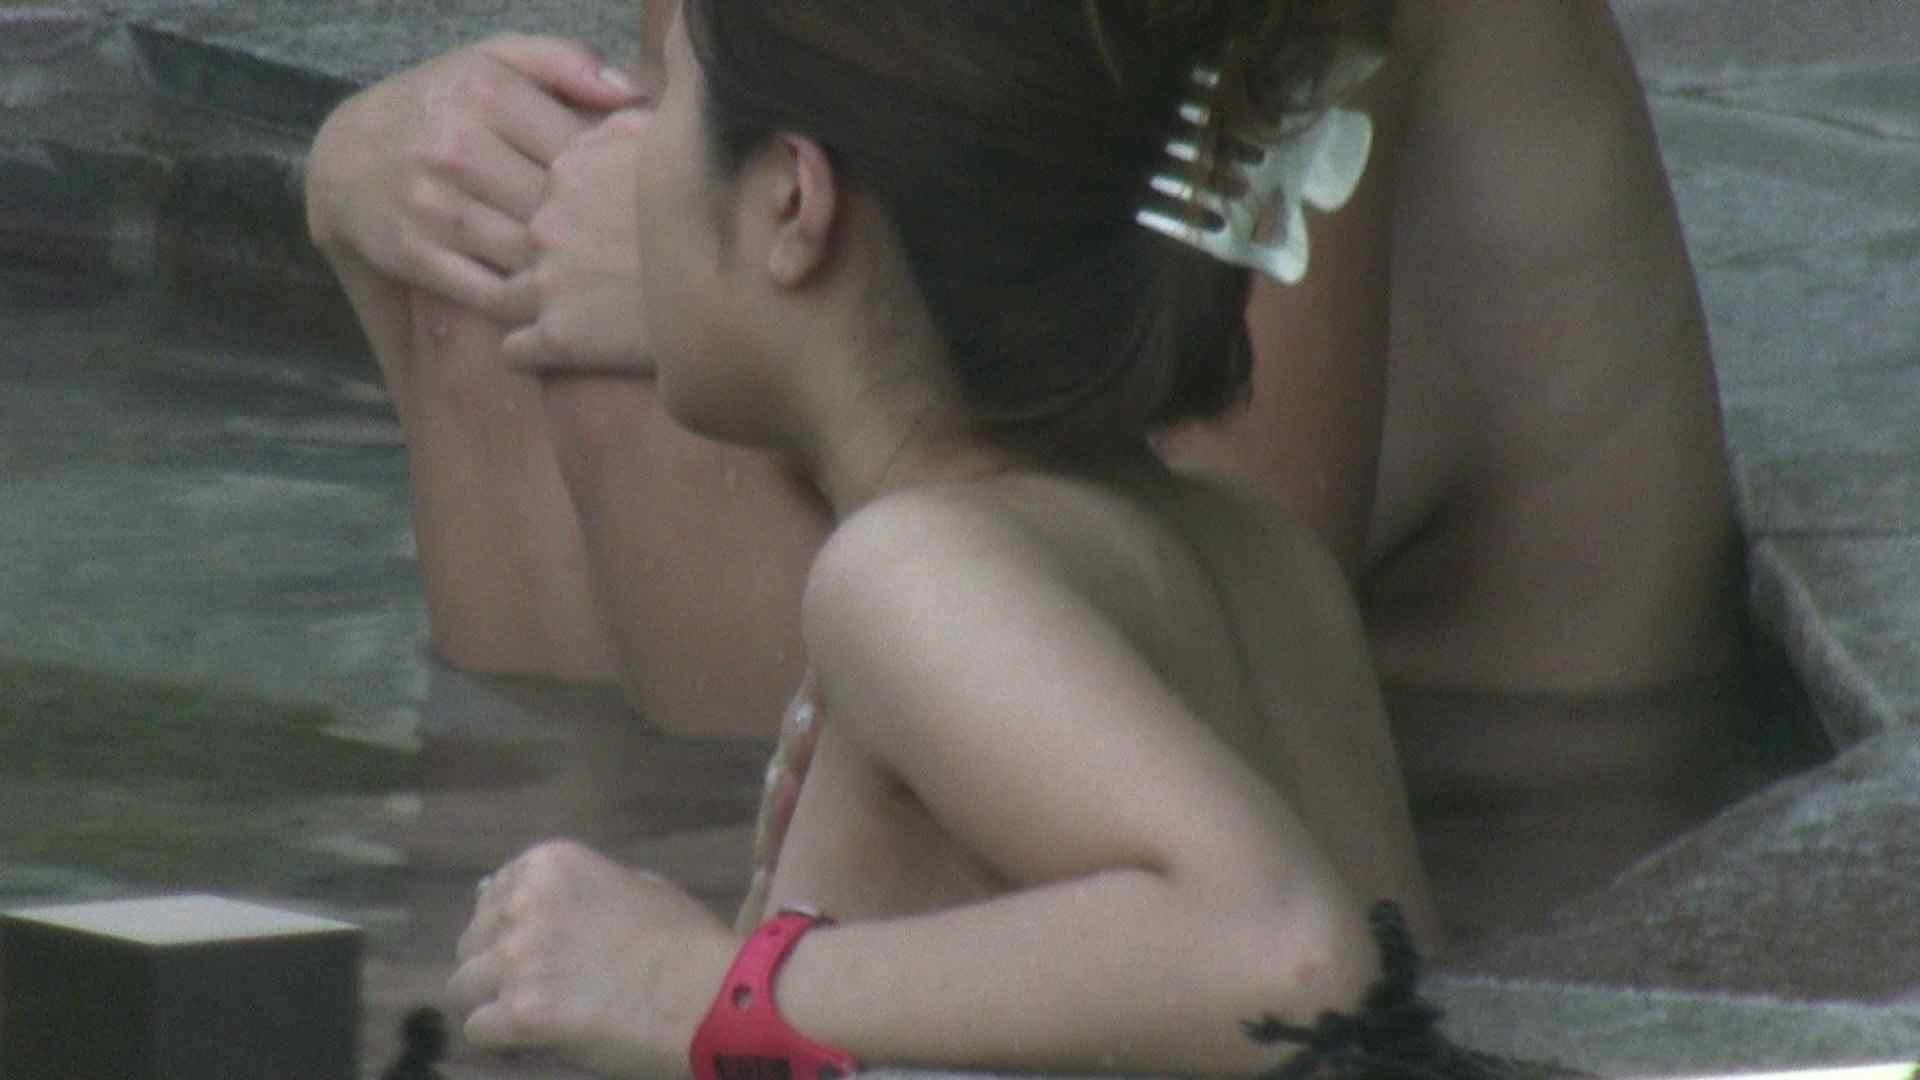 Aquaな露天風呂Vol.201 OLのエロ生活  96連発 24